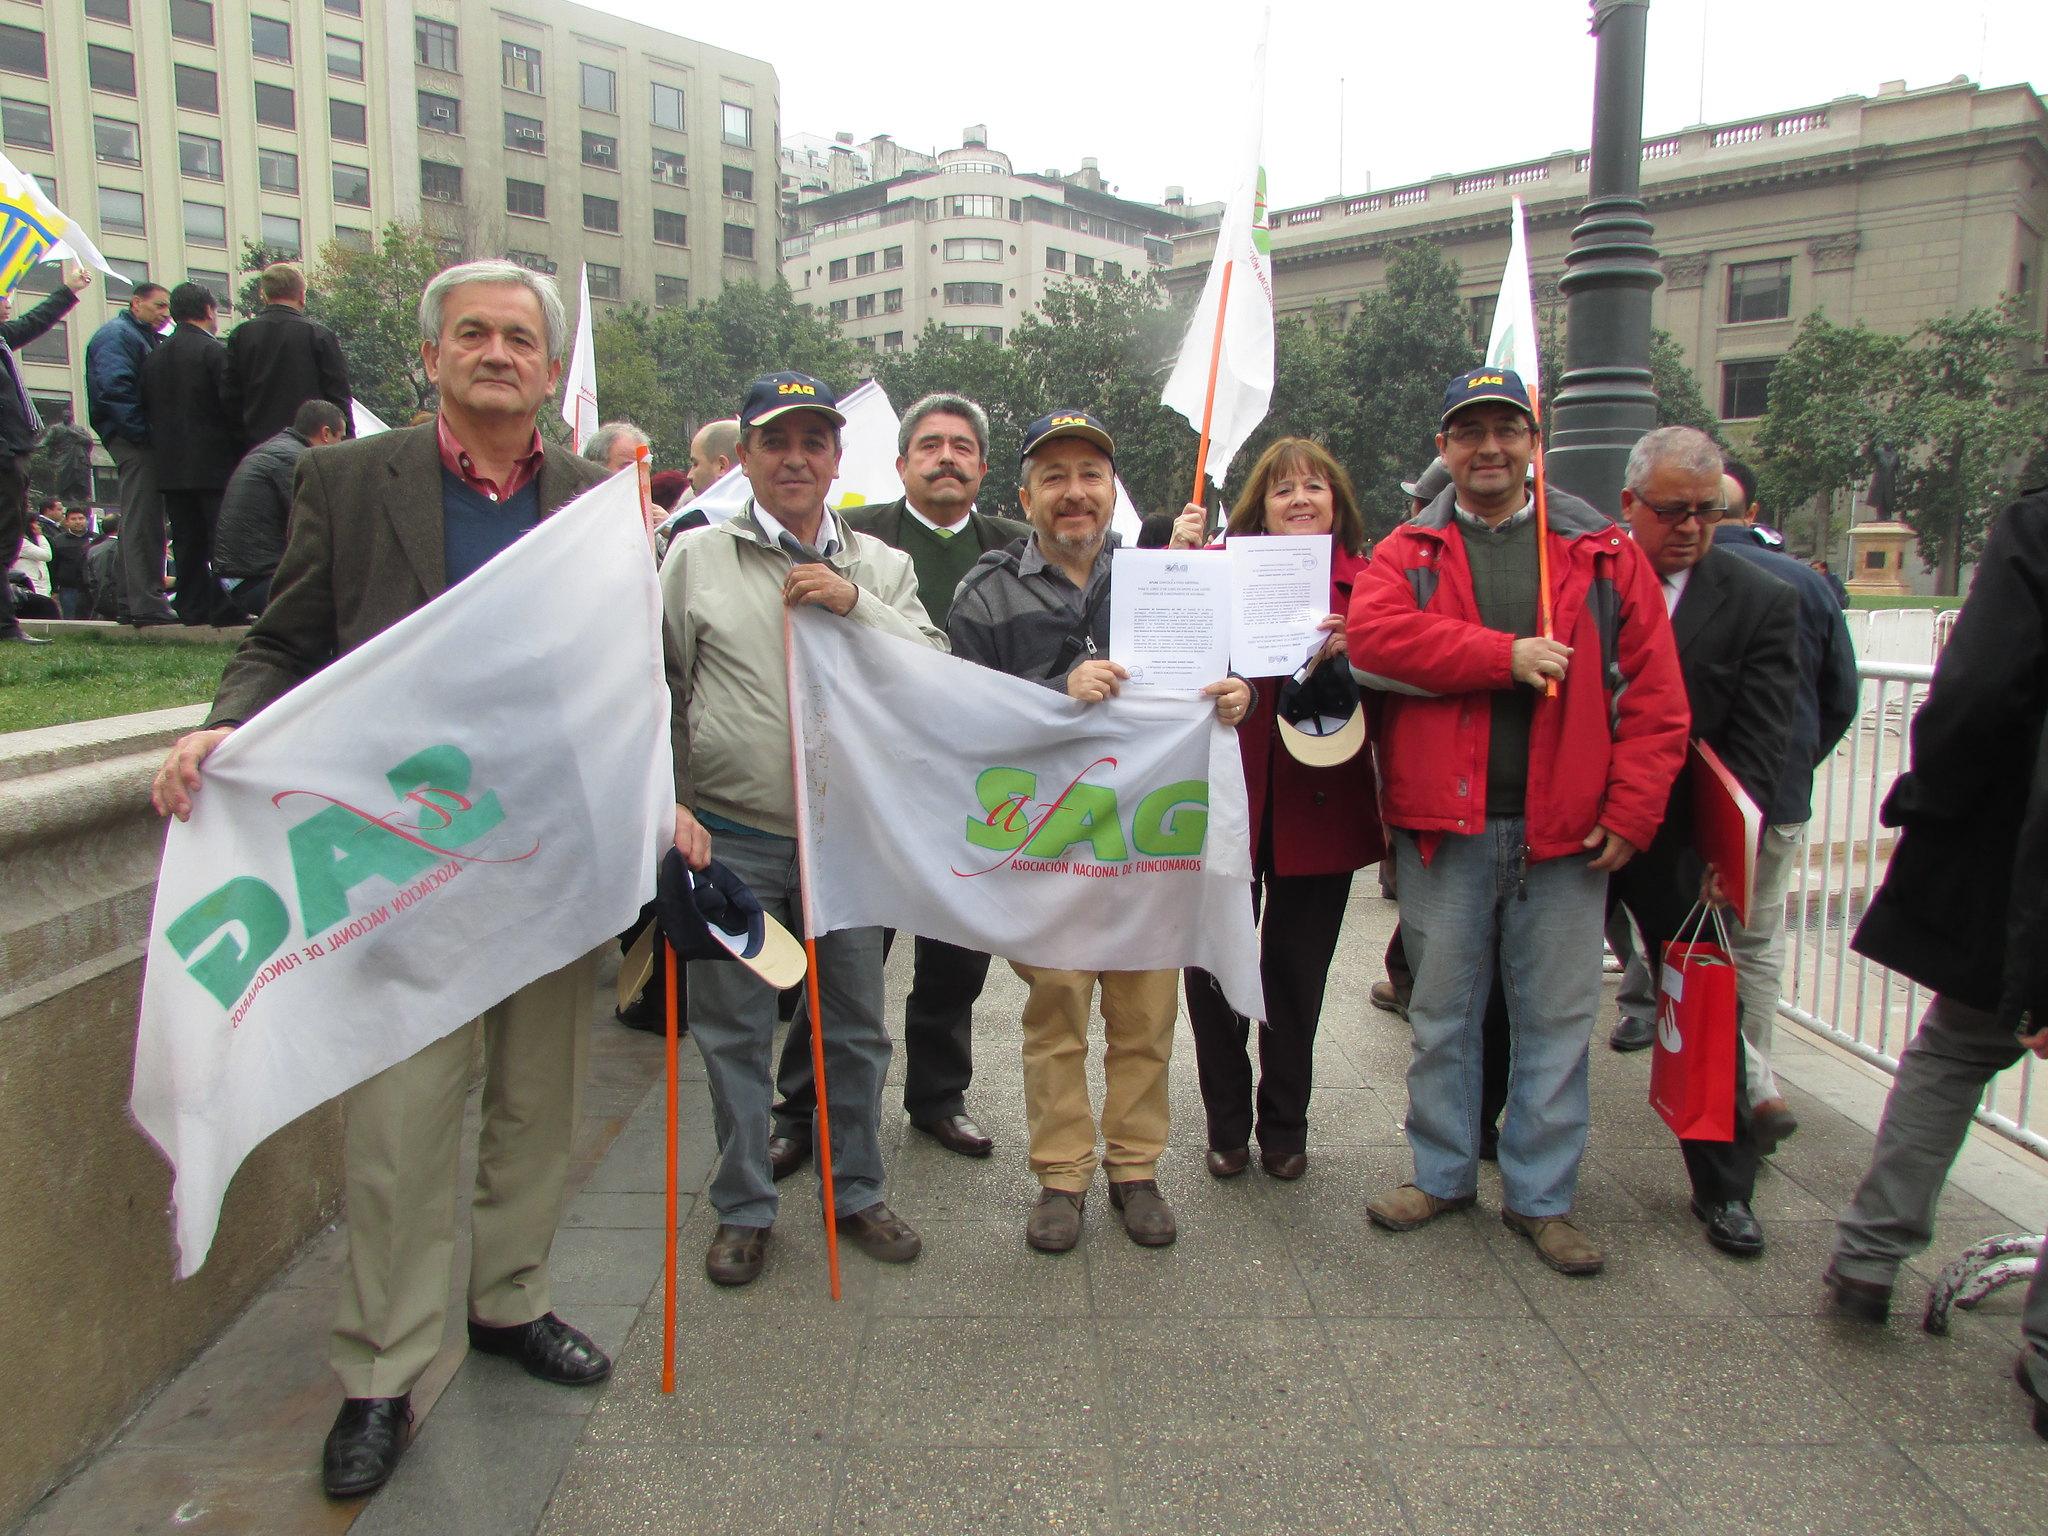 AFSAG ratifica Paro Nacional a partir del 1° de Junio en acto en Palza de la Constitución - 28 Mayo 2015